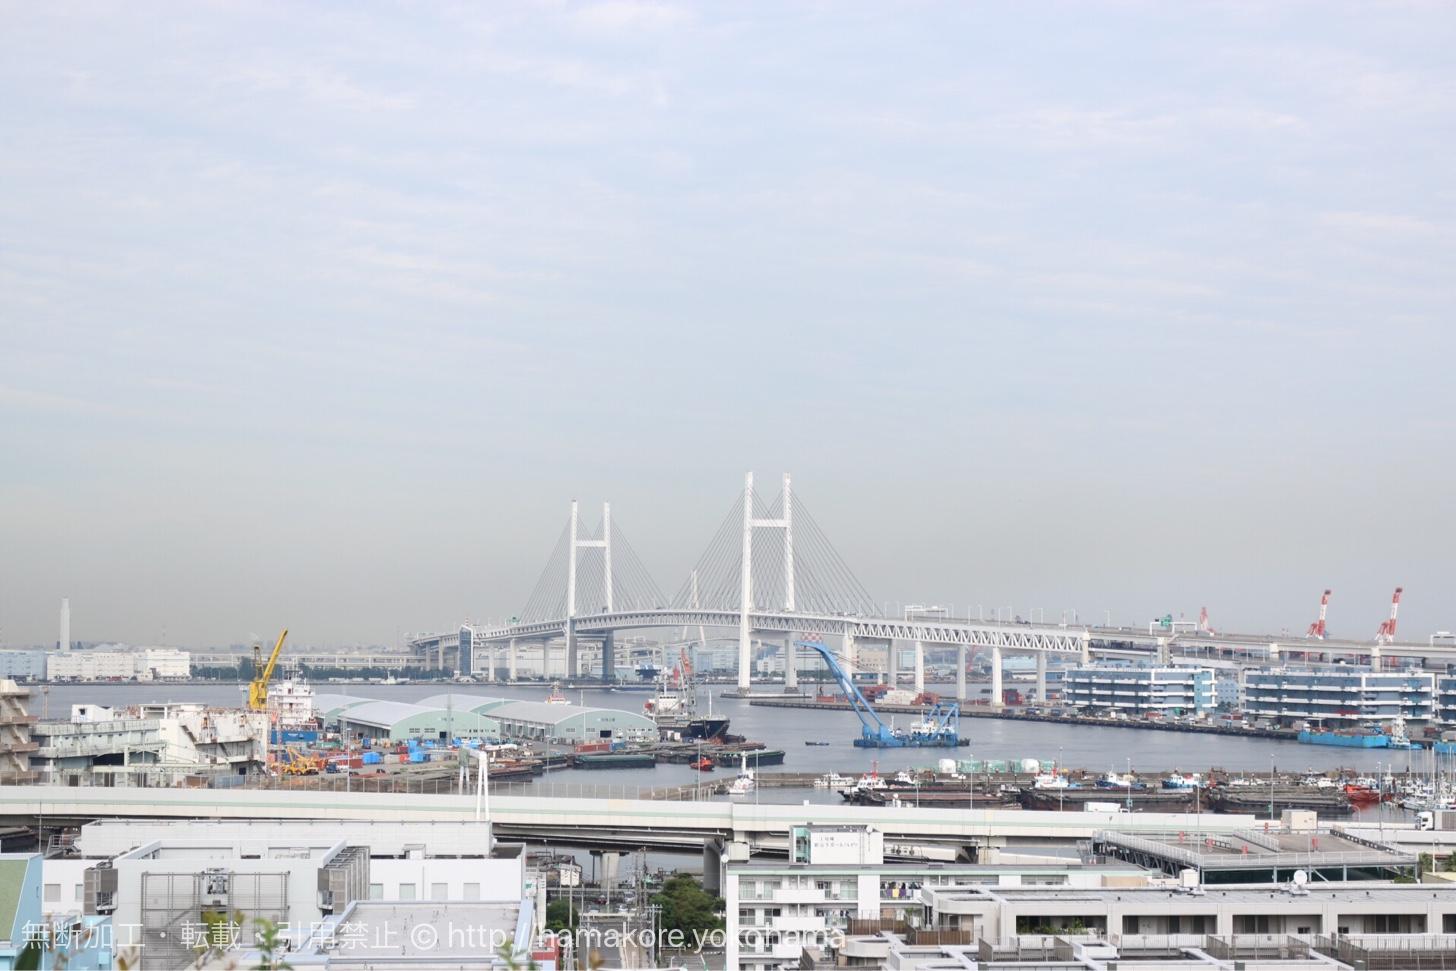 港の見える丘公園から見た横浜ベイブリッジ